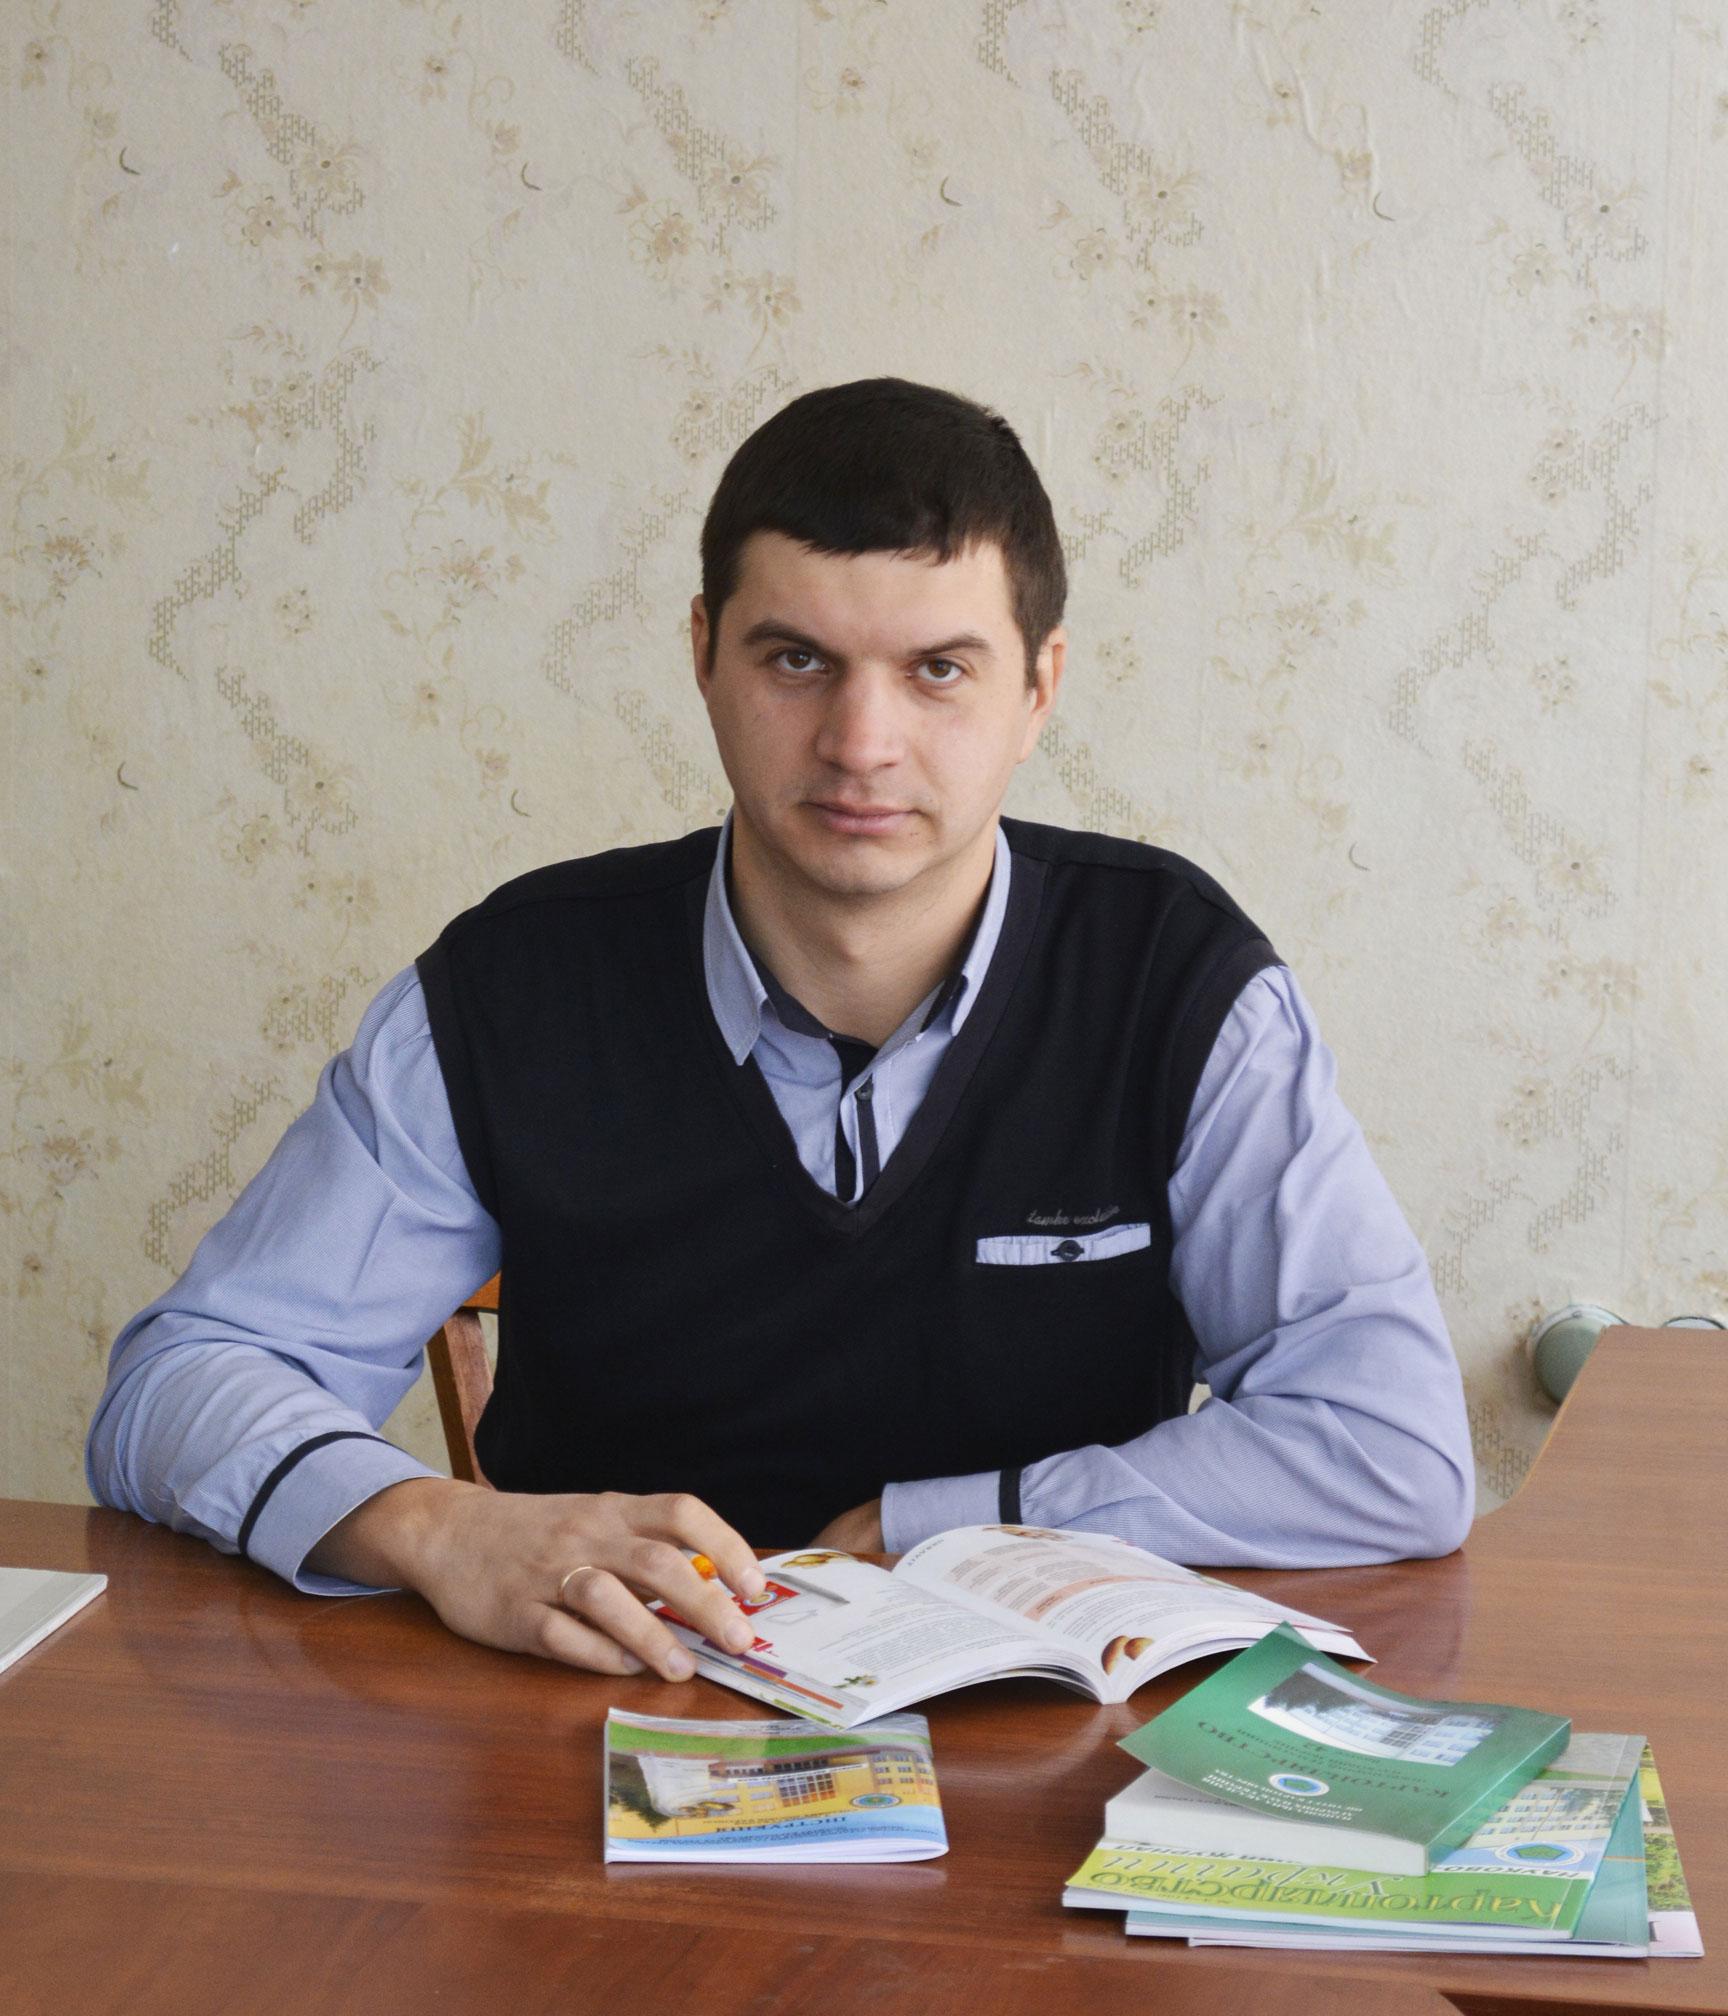 Рязанцев_М_В